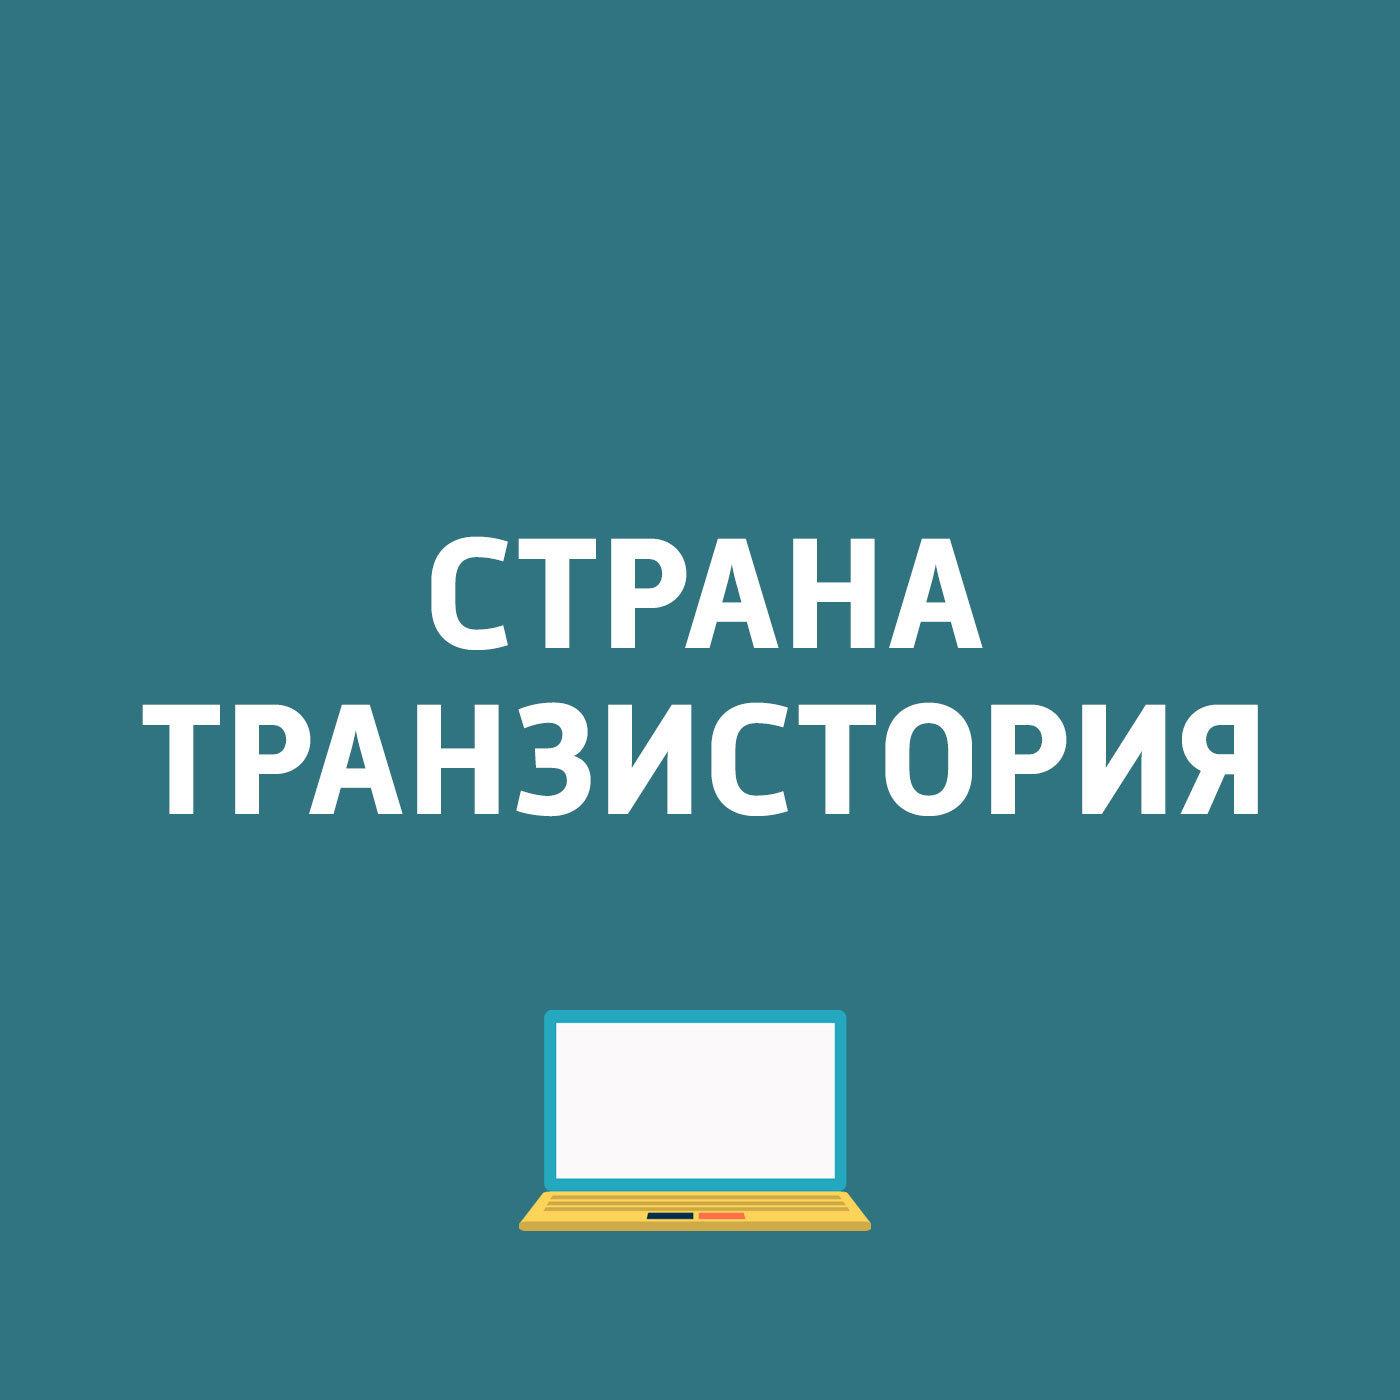 """Nokia 3.1 Plus;Проект""""Яндекса""""""""Я в театре"""";Системные требования игры Call of Duty: Black Ops 4"""